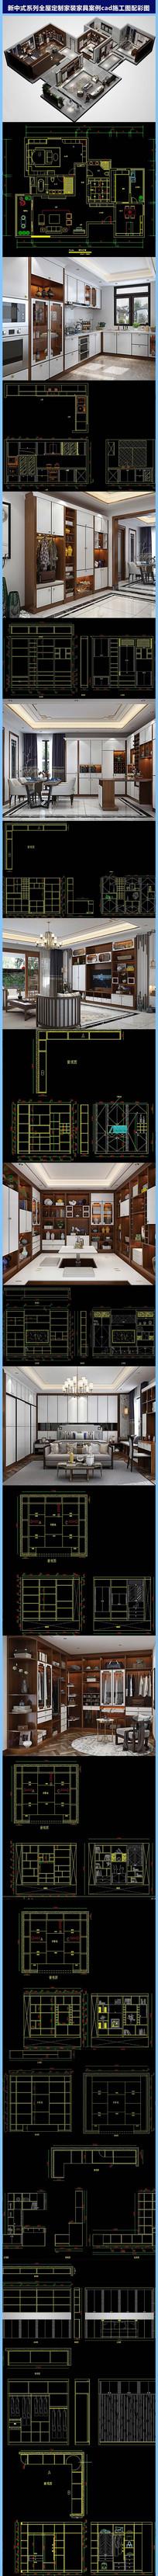 新中式全屋定制家装家具cad施工图配彩图